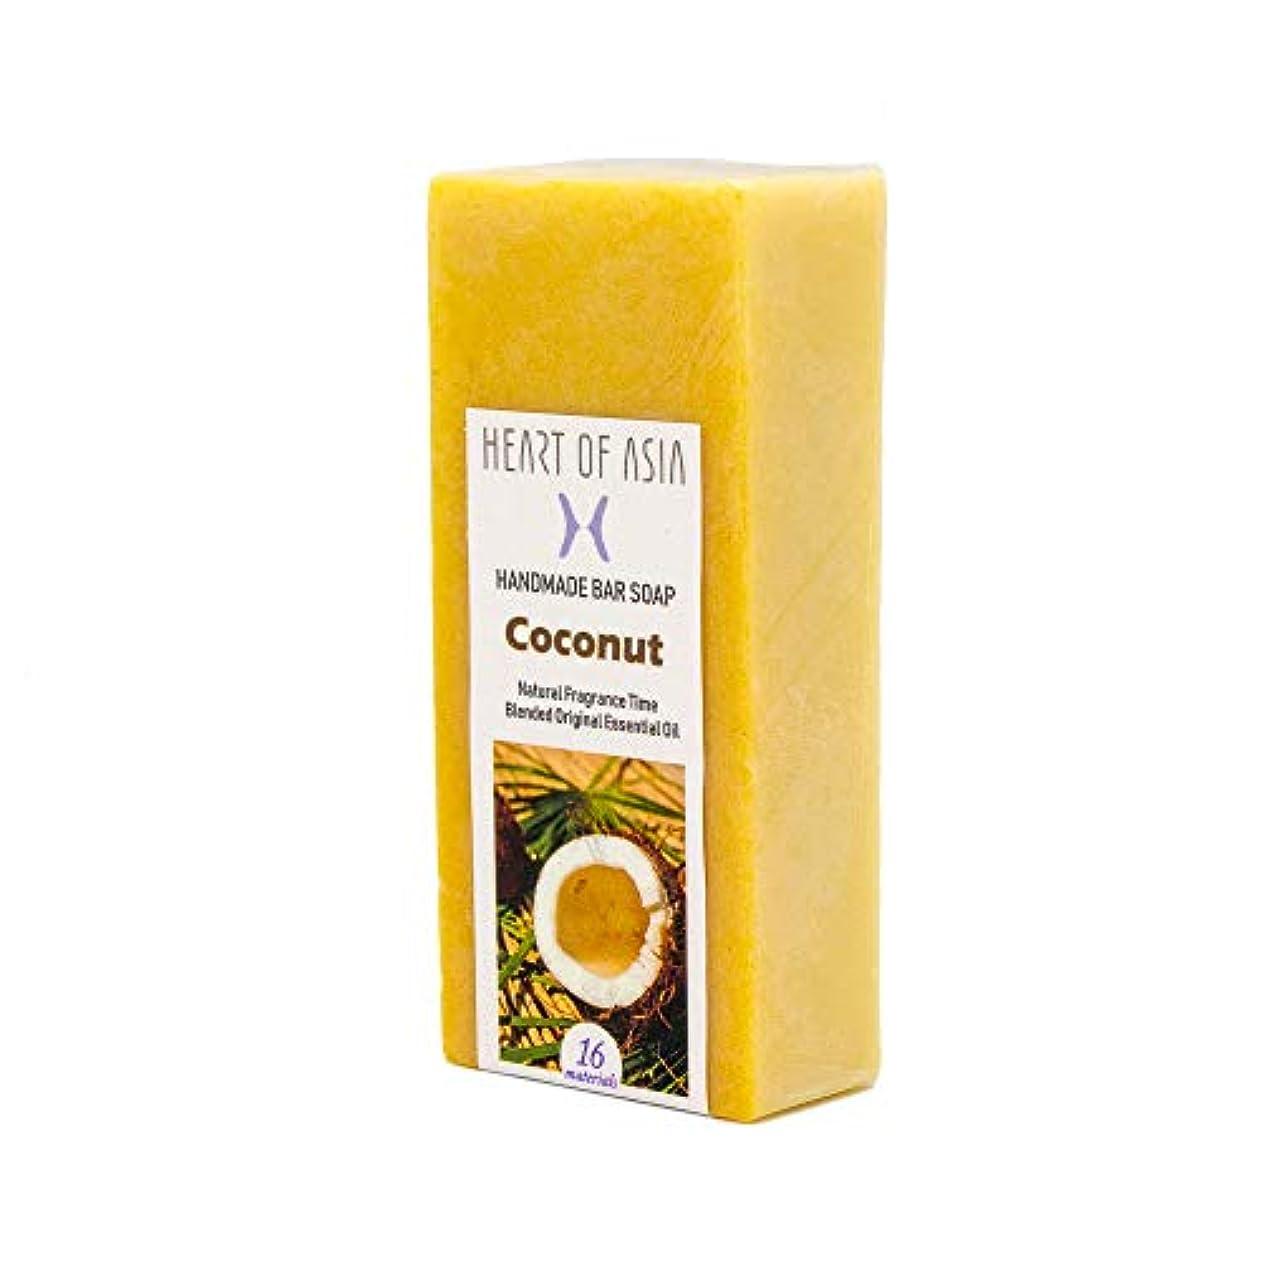 馬力神秘テラス香水のようなフレグランス石けん HANDMADE BAR SOAP ~Coconut ~ (単品)